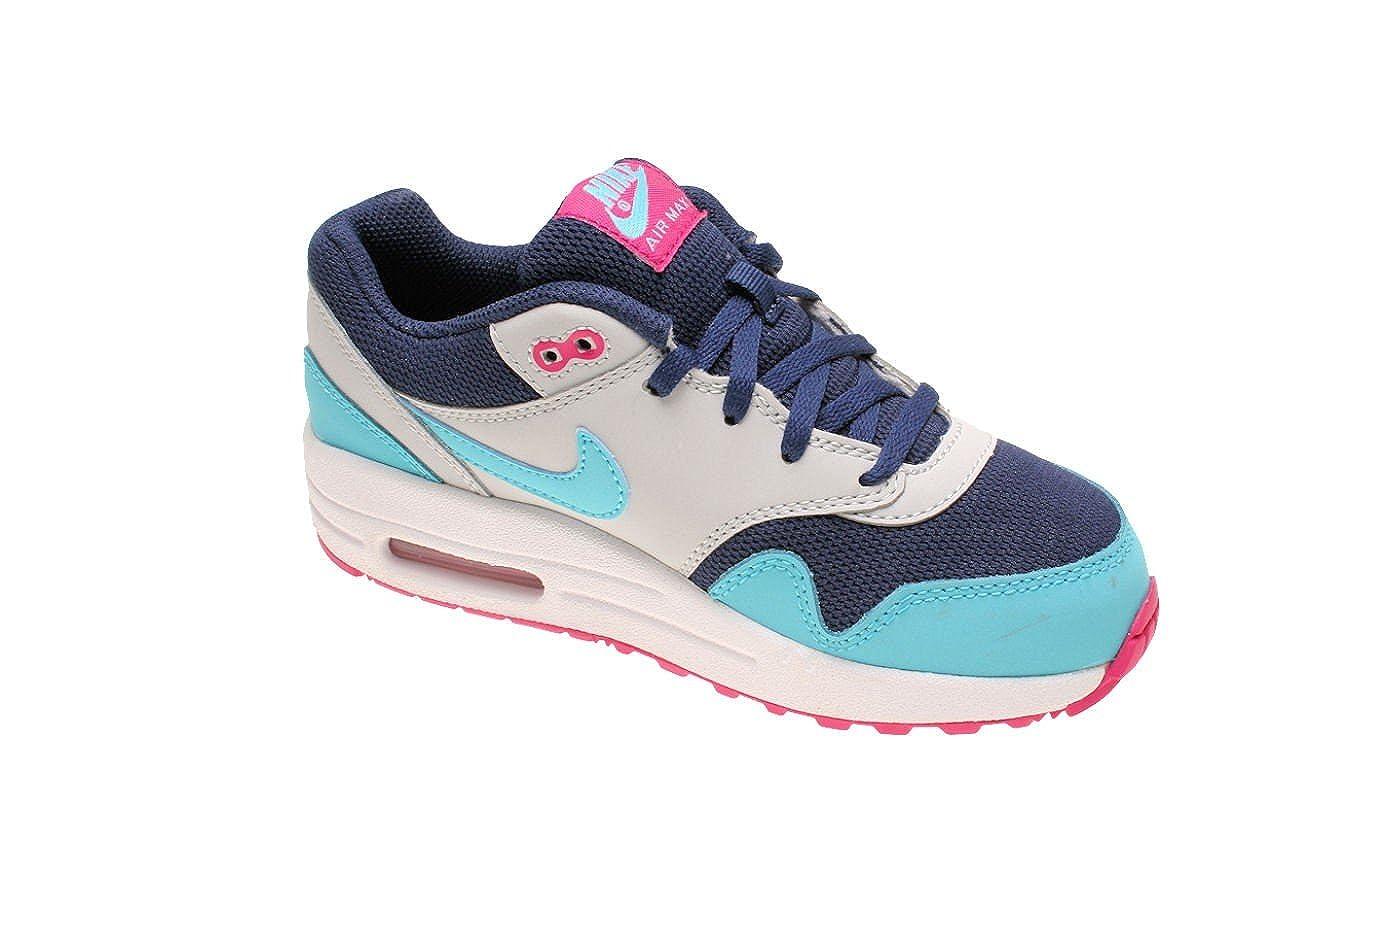 aa05bb3121f2e2 Nike Kinderschuhe Air Max 1 (PS) Midnight Navy   Blue   Vivid Pink   Amazon.de  Schuhe   Handtaschen